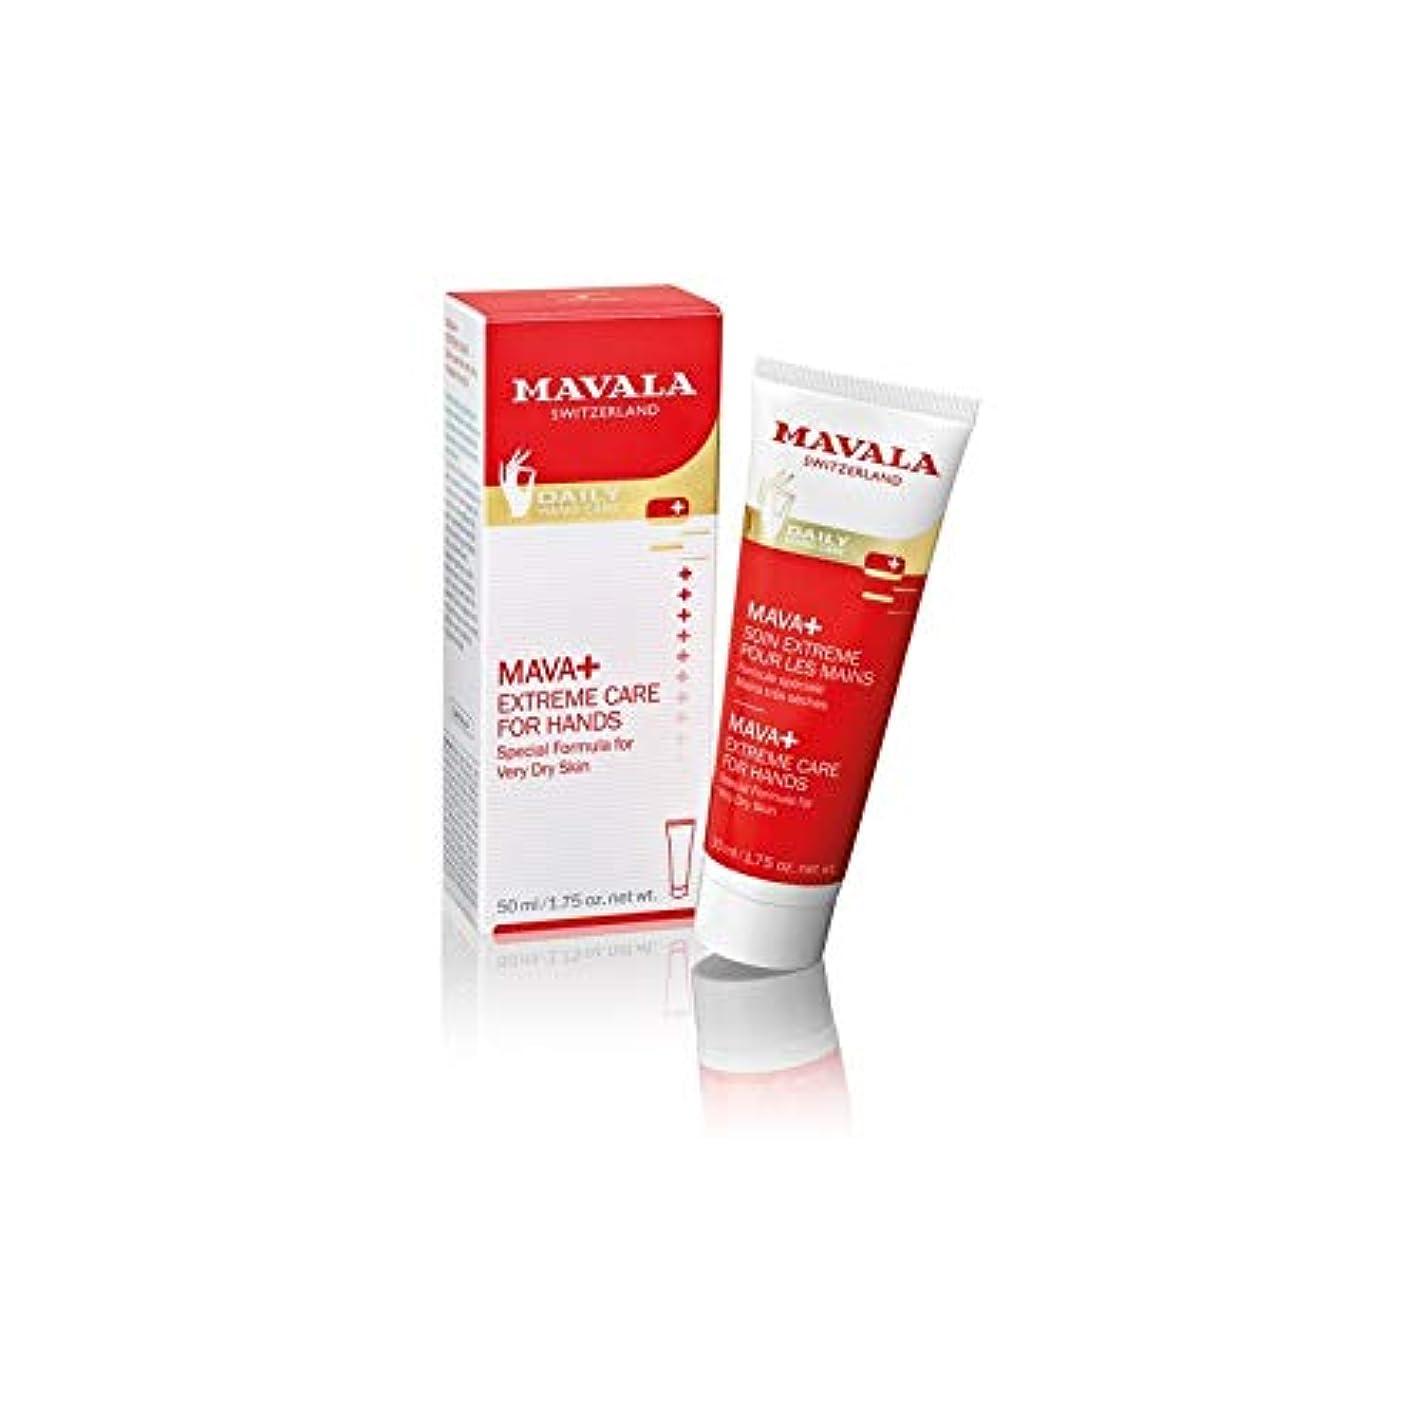 路面電車小さな小さな[Mavala] マヴァラMavalaのMava +ハンドクリーム - 手のために細心の注意を払っ(50ミリリットル) - Mavala Mava+ Hand Cream - Extreme Care For Hands...